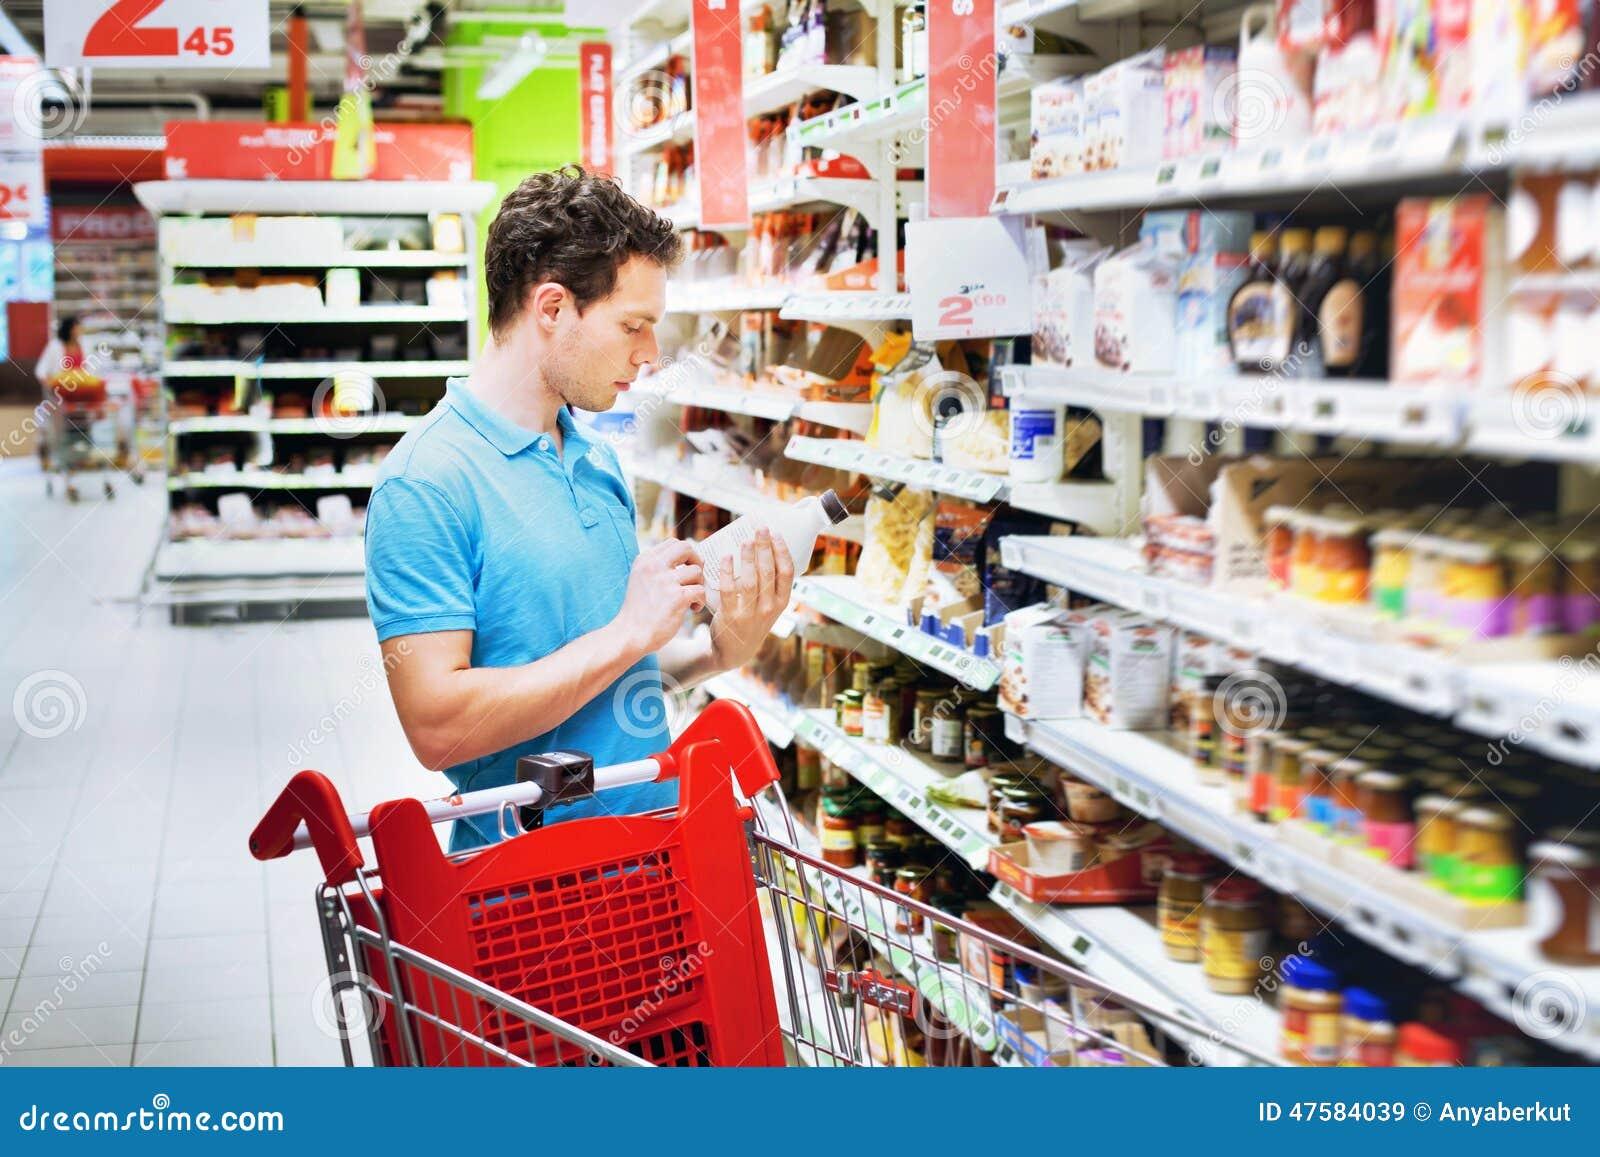 Άτομο στην υπεραγορά